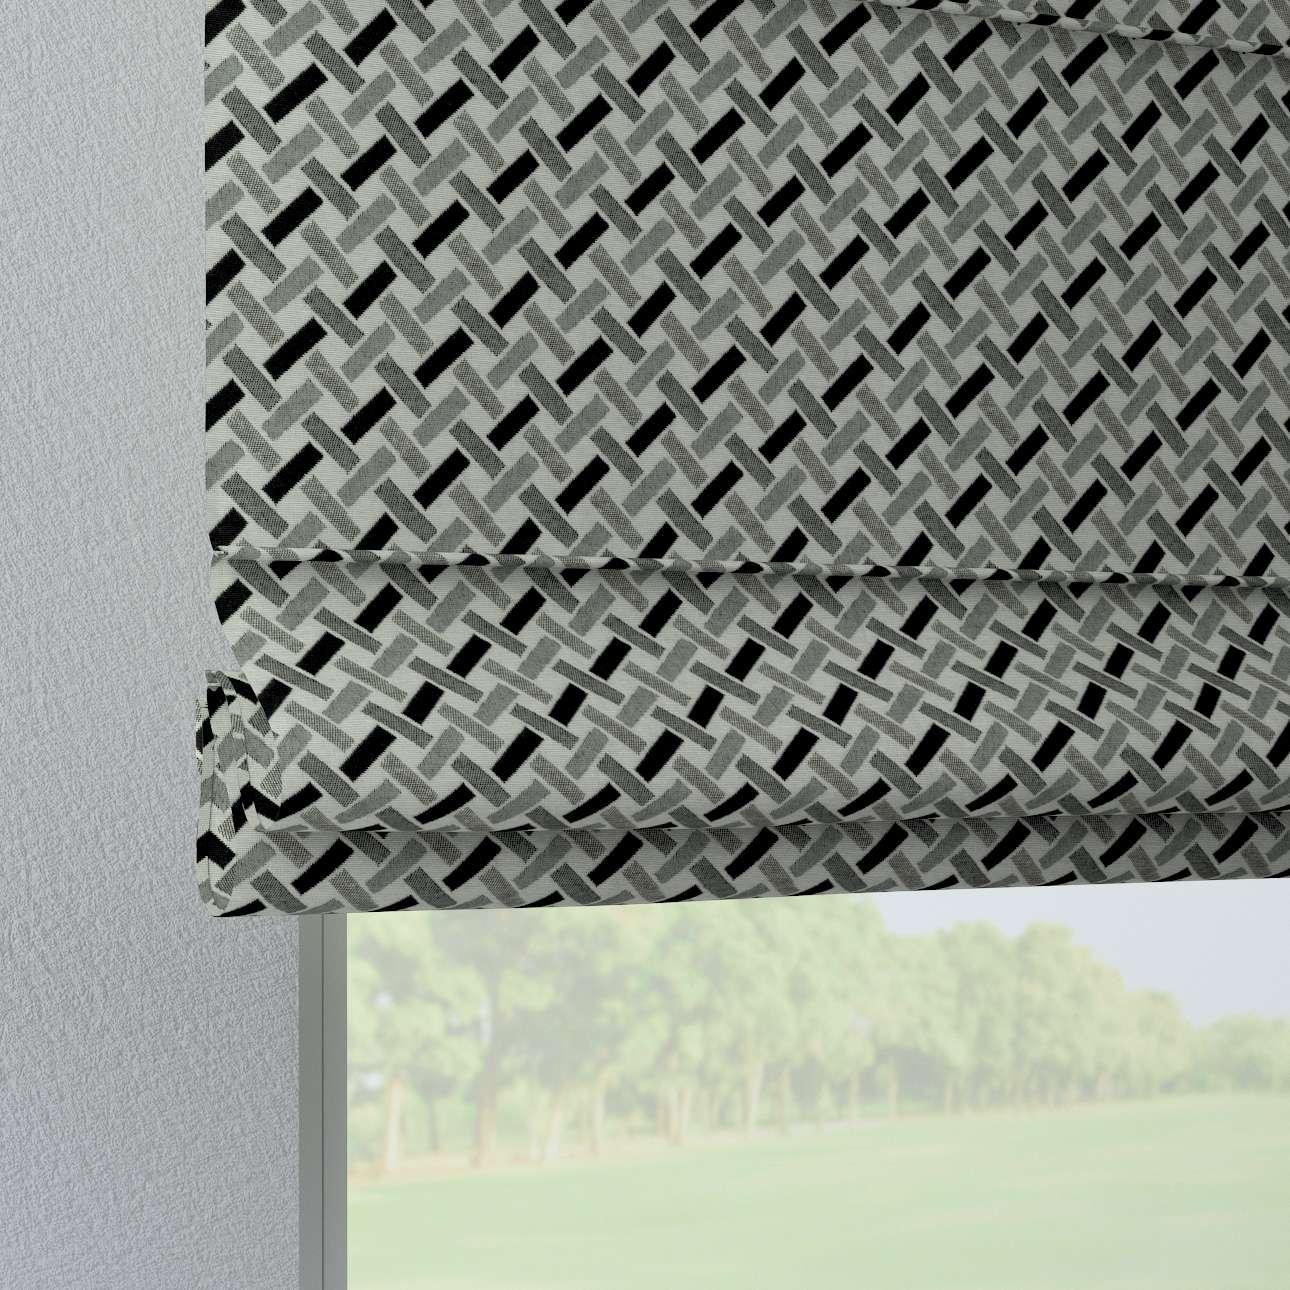 Liftgardin Verona<br/>Med stropper til gardinstang fra kolleksjonen Black & White, Stoffets bredde: 142-78